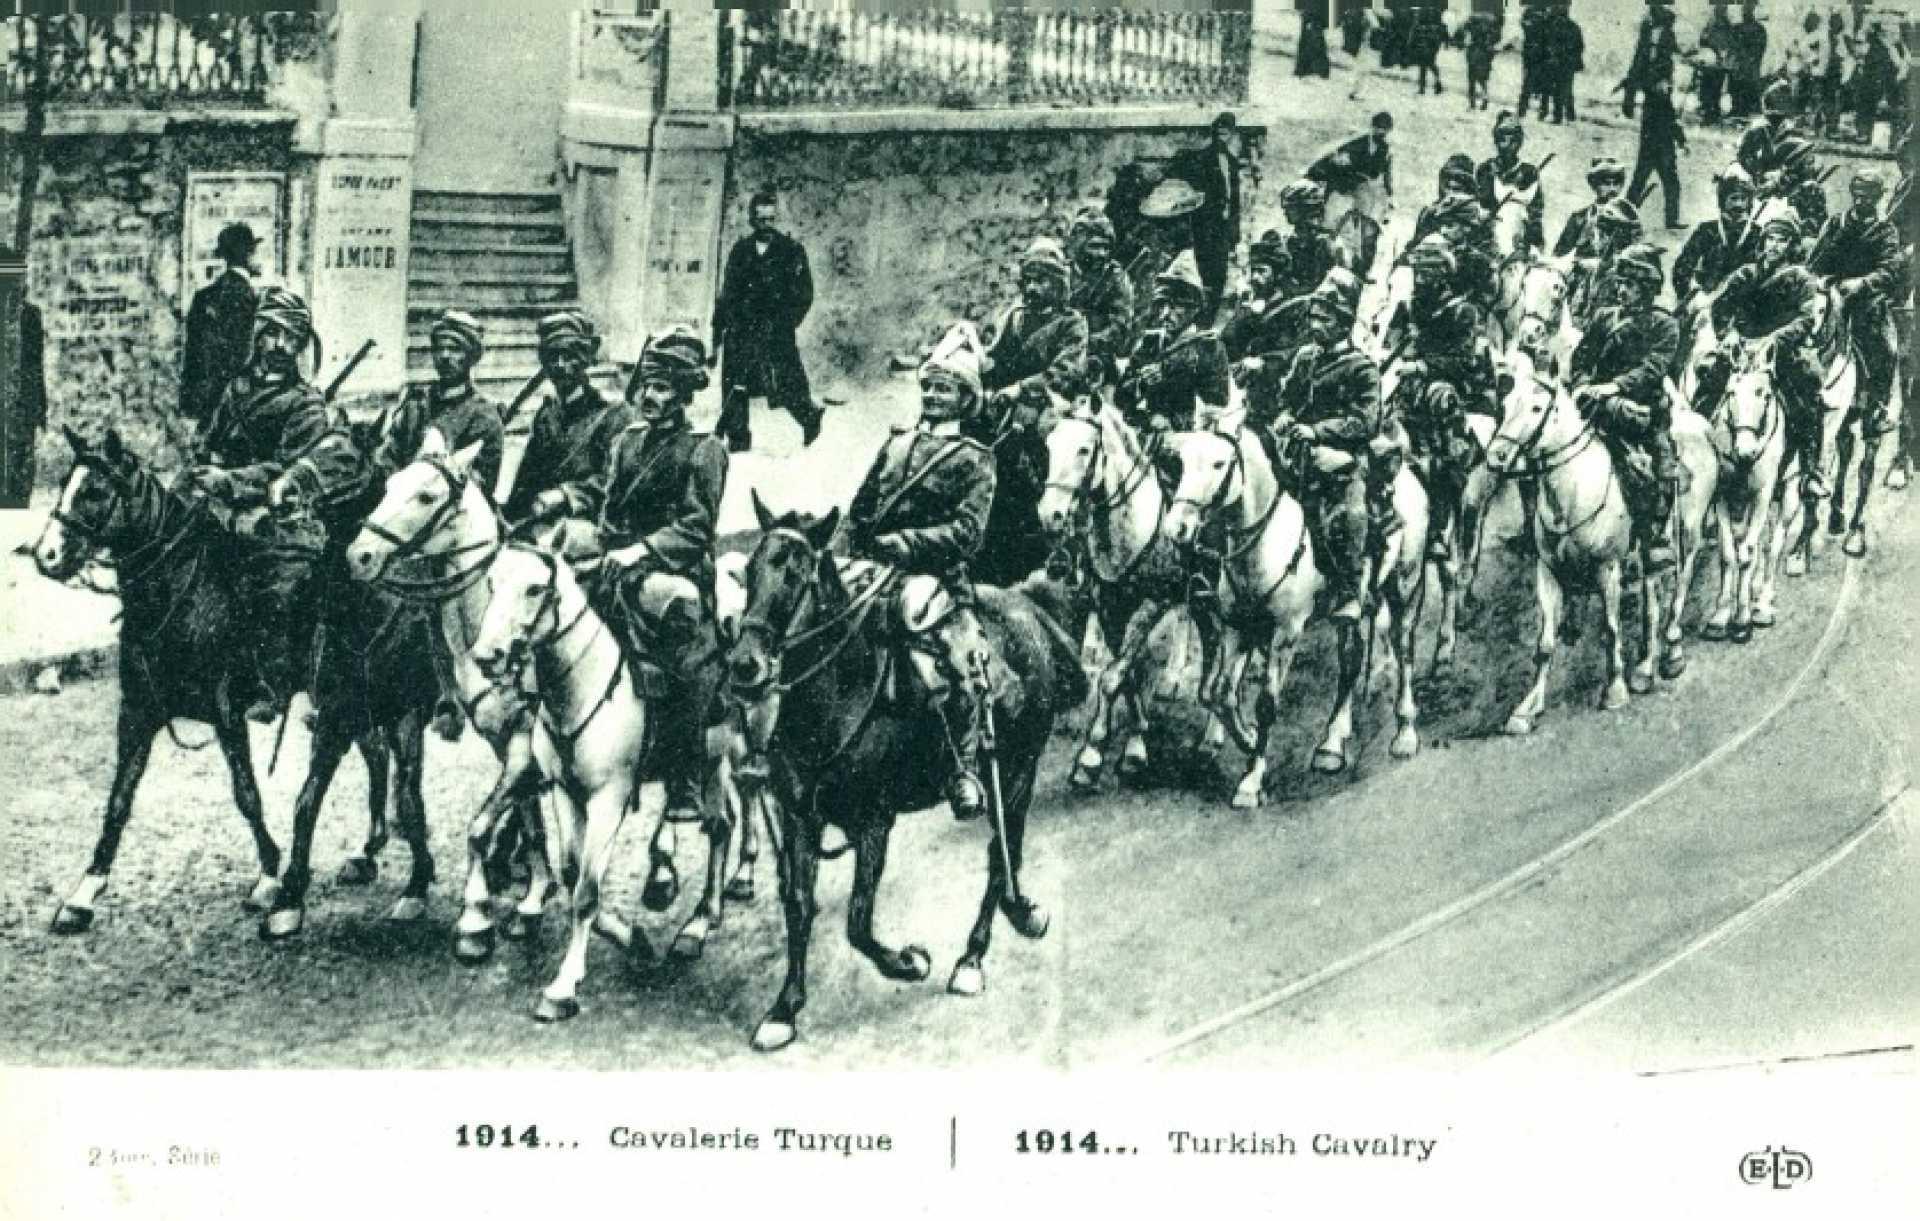 Cavalerie Turque